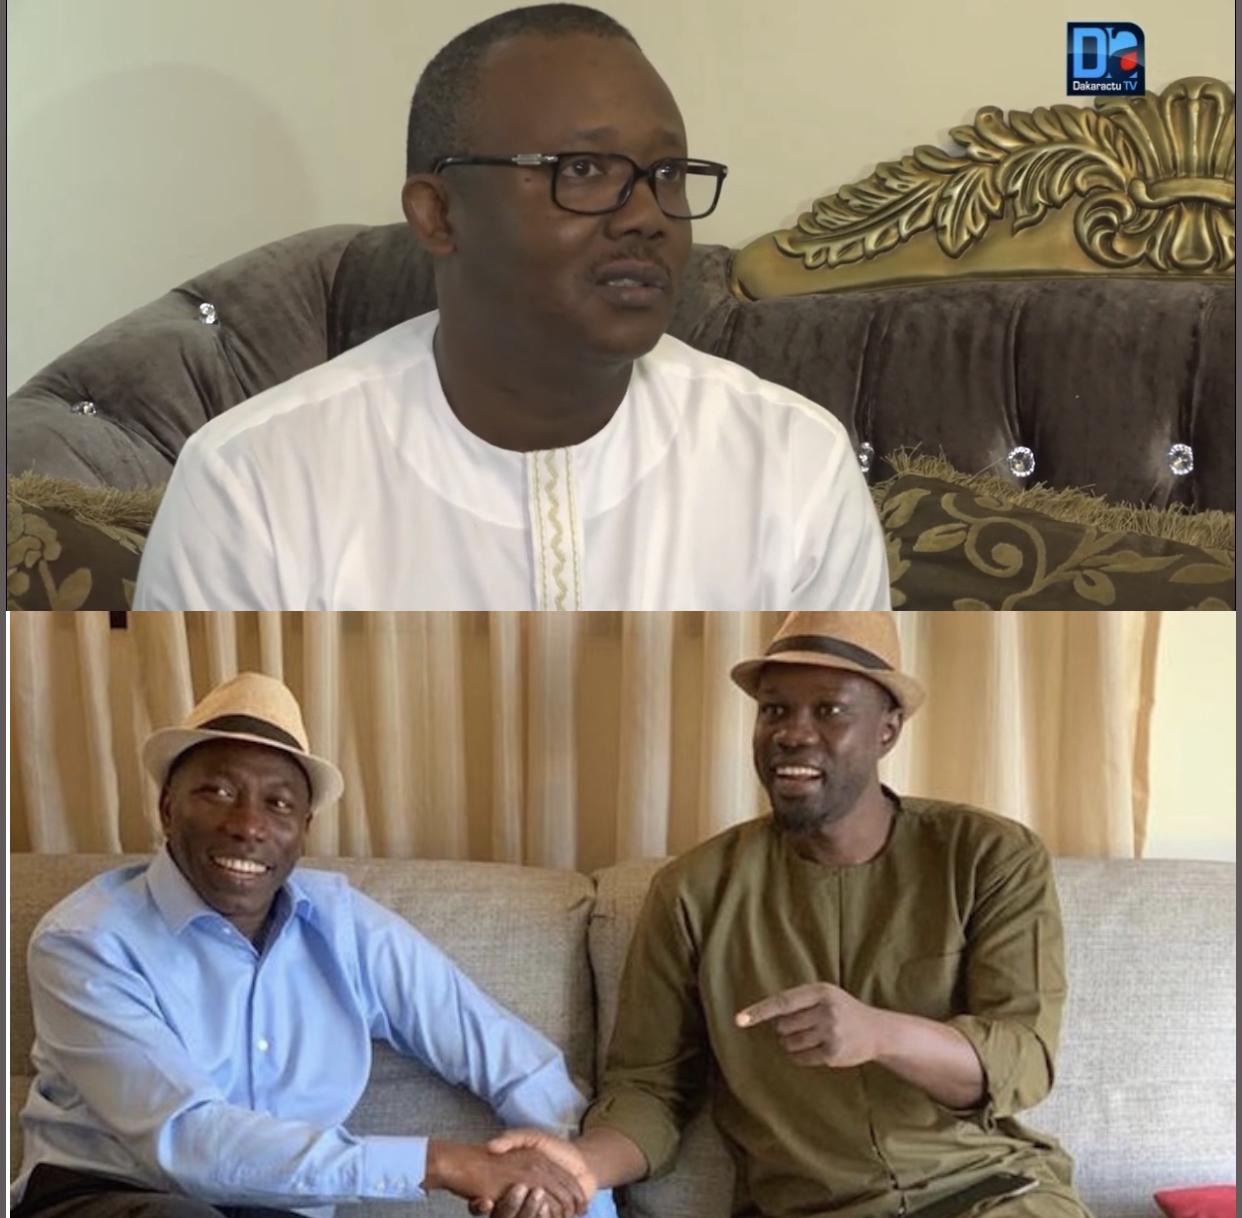 Les deux candidats au deuxième tour de la présidentielle bissau-guinéenne se lancent dans une chasse aux soutiens au Sénégal : Les hommes politiques sénégalais face à leurs responsabilités